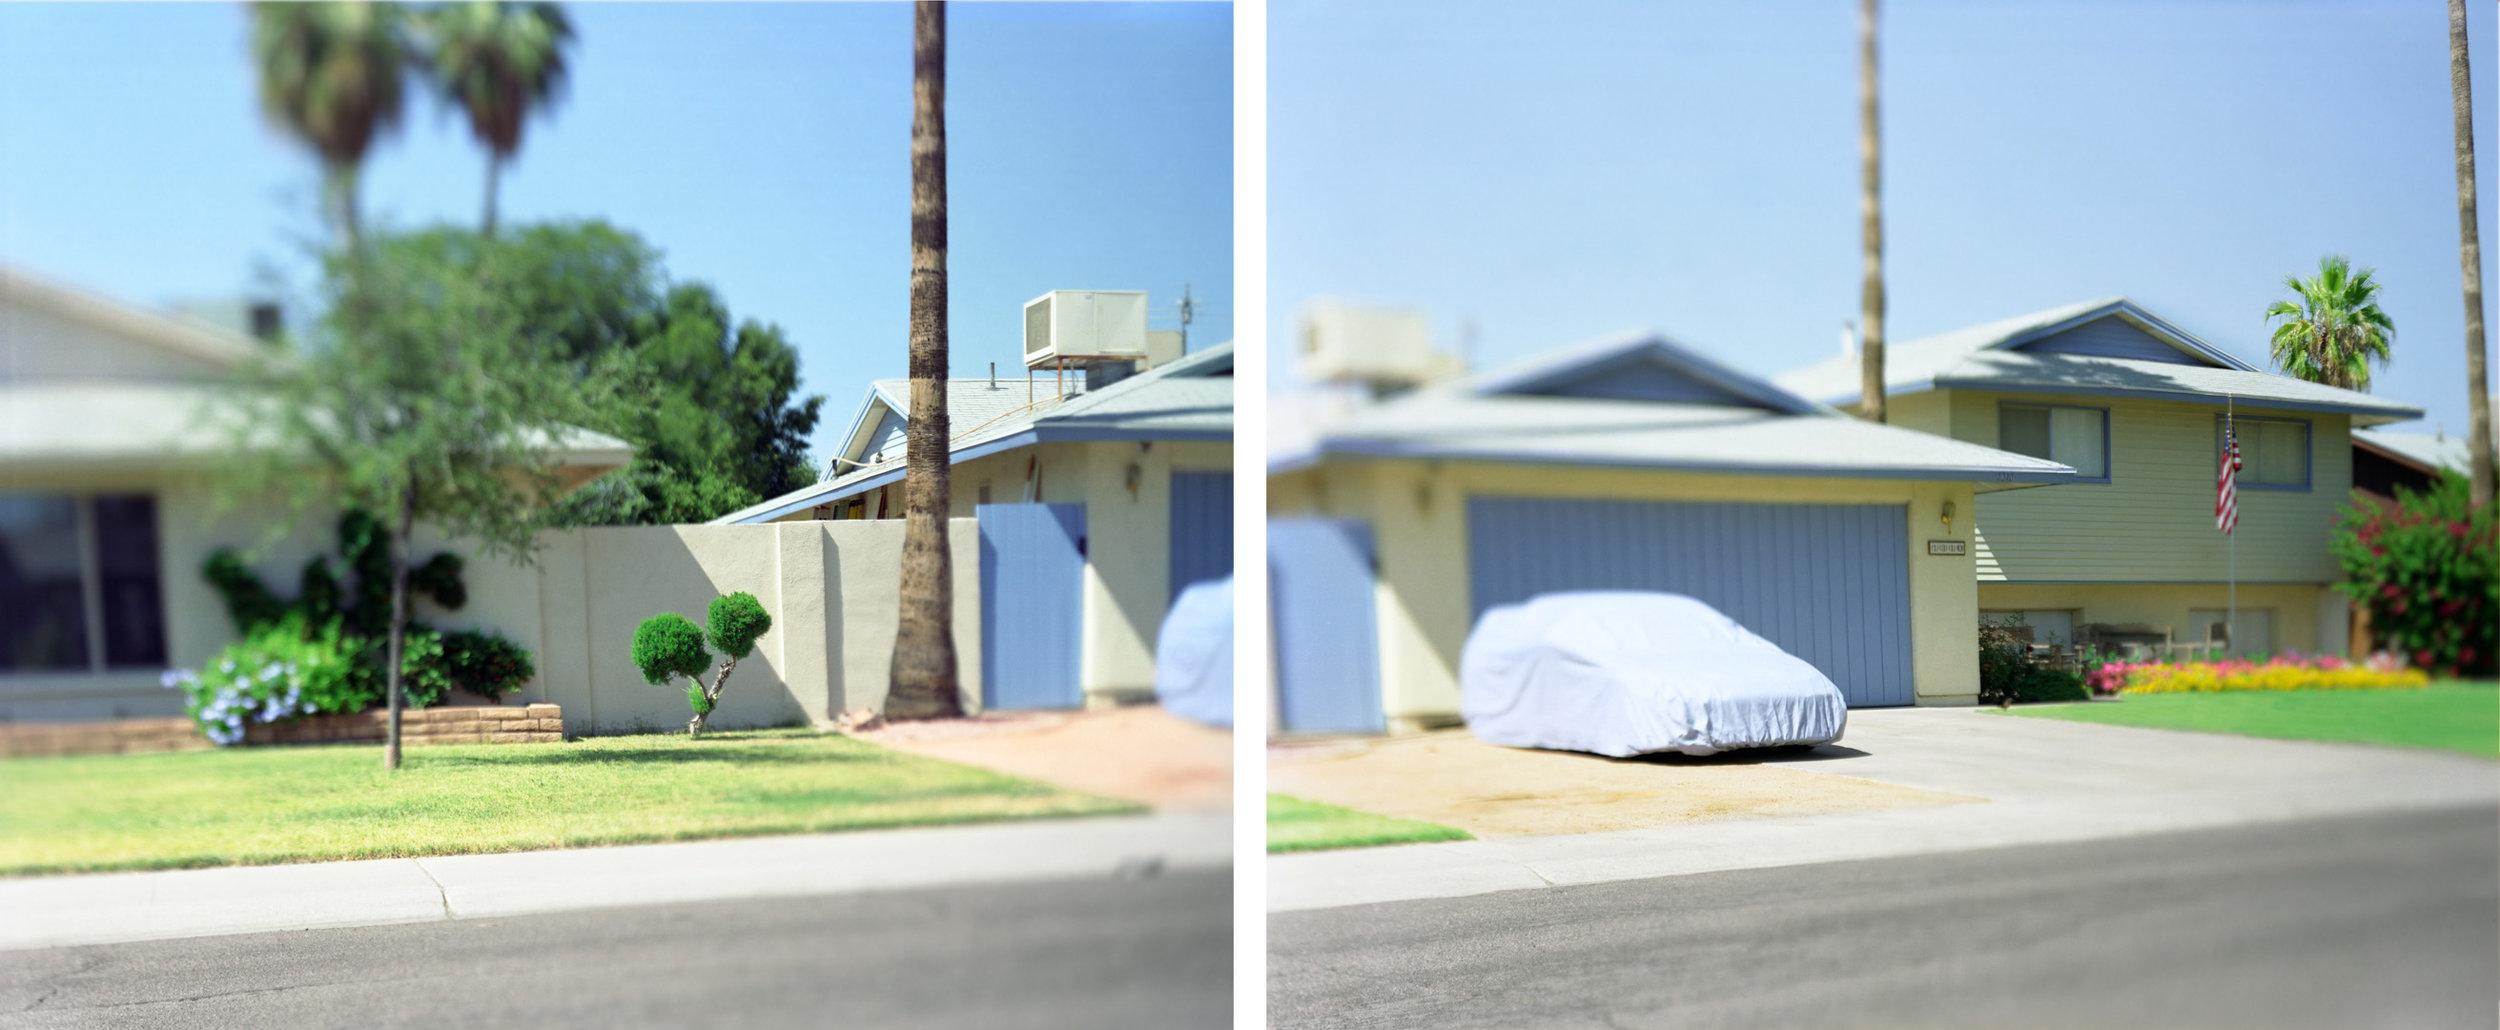 Little Bush, Bundled Car , 24 x 48 inches, archival pigment prints, 2006